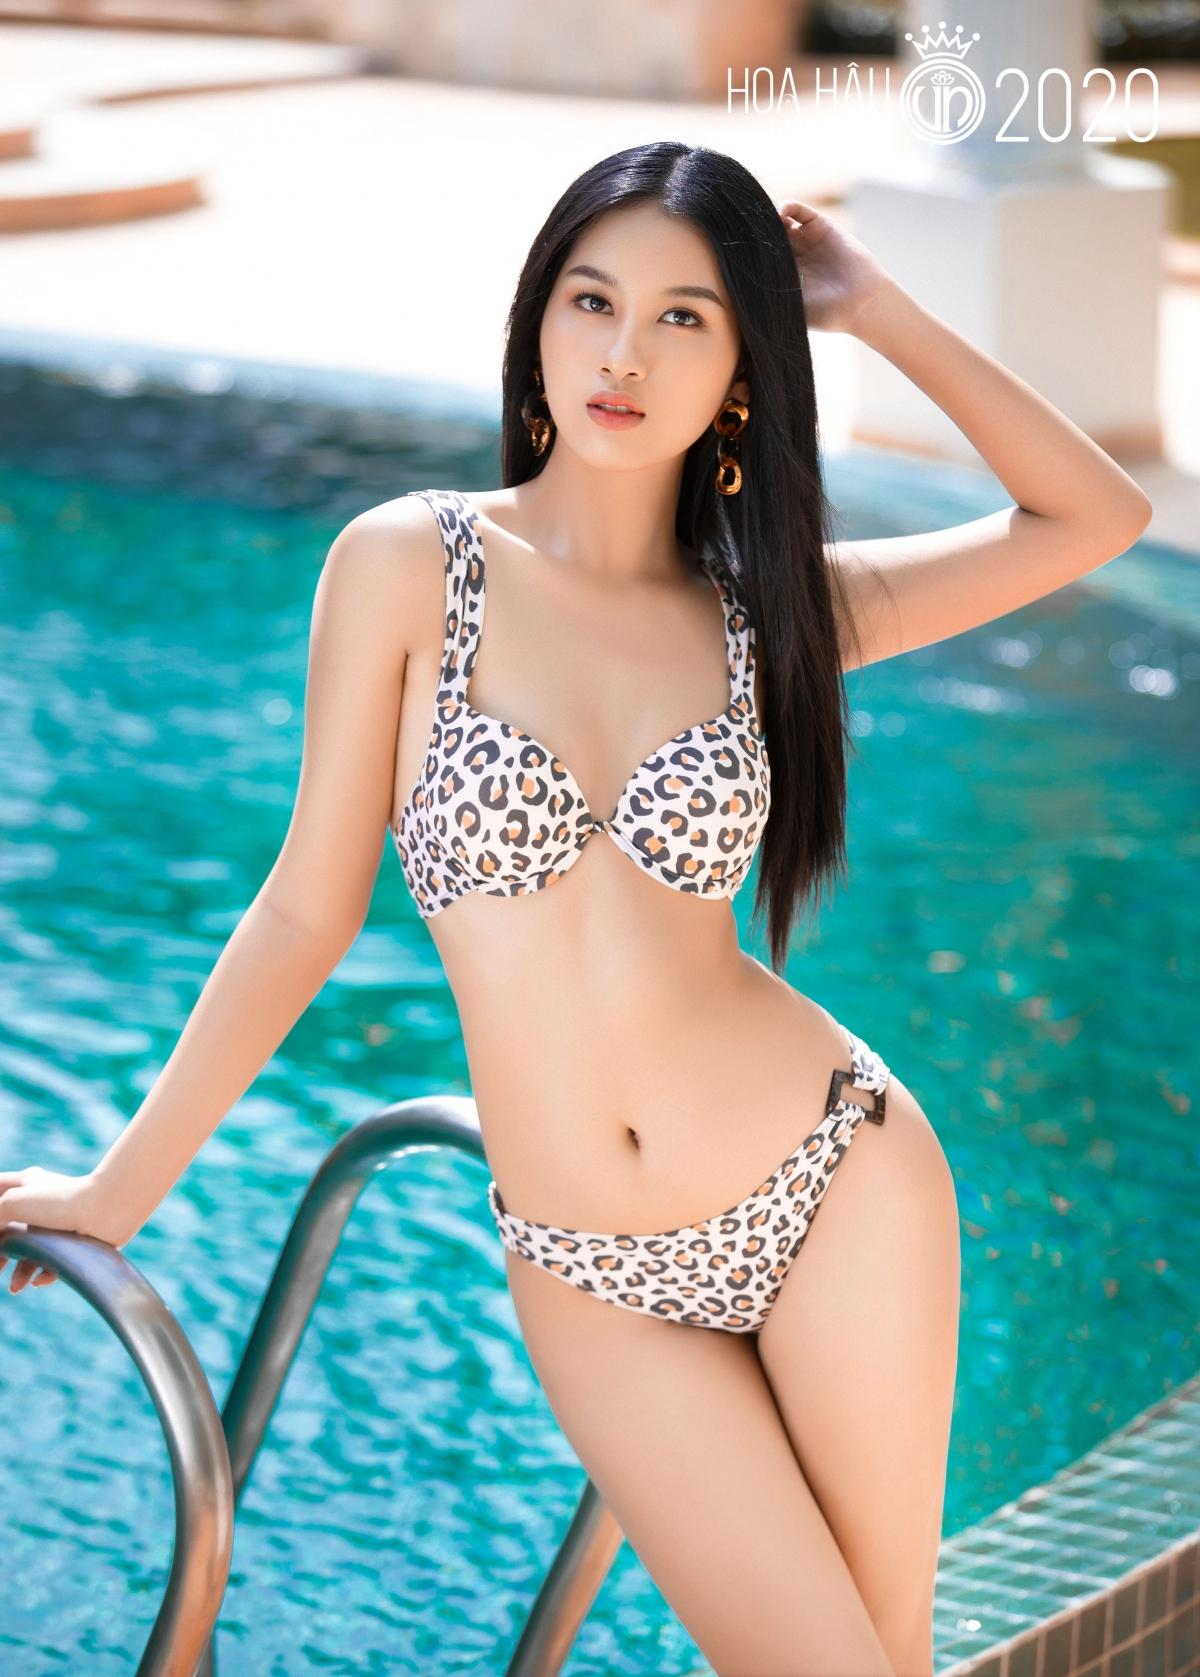 Thần thái cuốn hút, dàn thí sinh không ngần ngại khoe đường cong nóng bỏng trong bộ sưu tập áo tắm đến từ thương hiệu Bikini Passport.